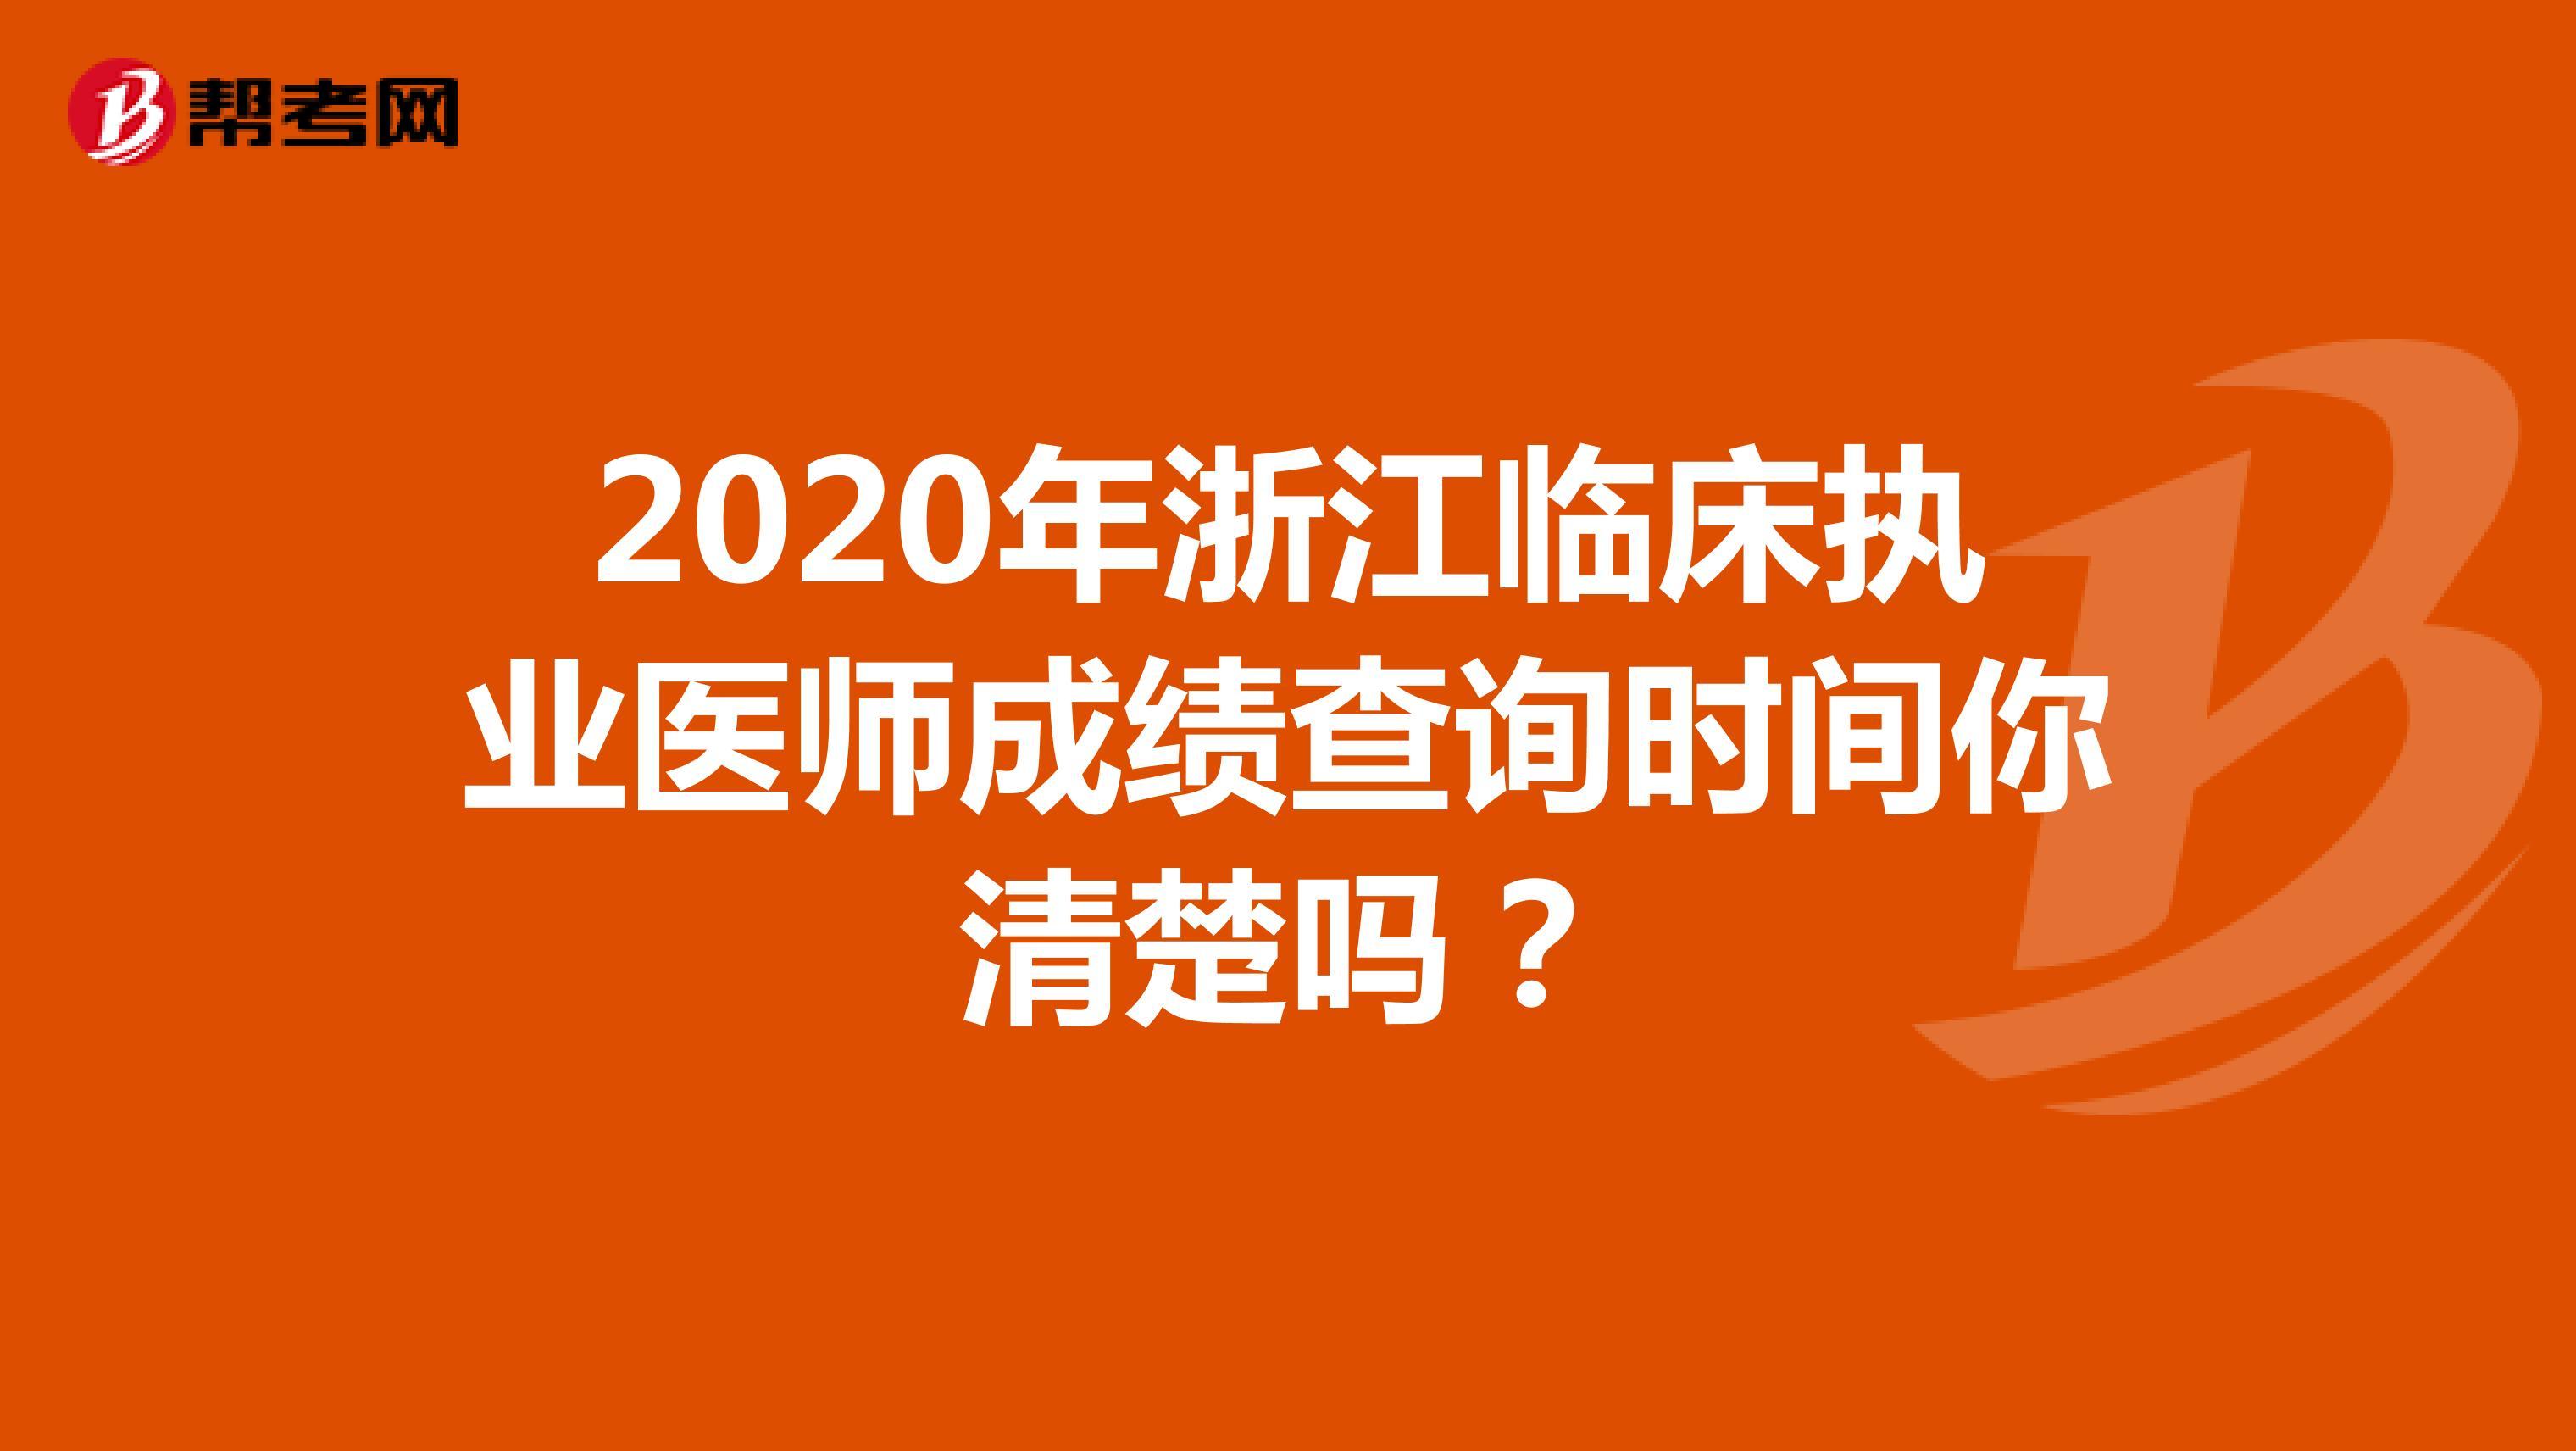 2020年浙江临床执业医师成绩查询时间你清楚吗?